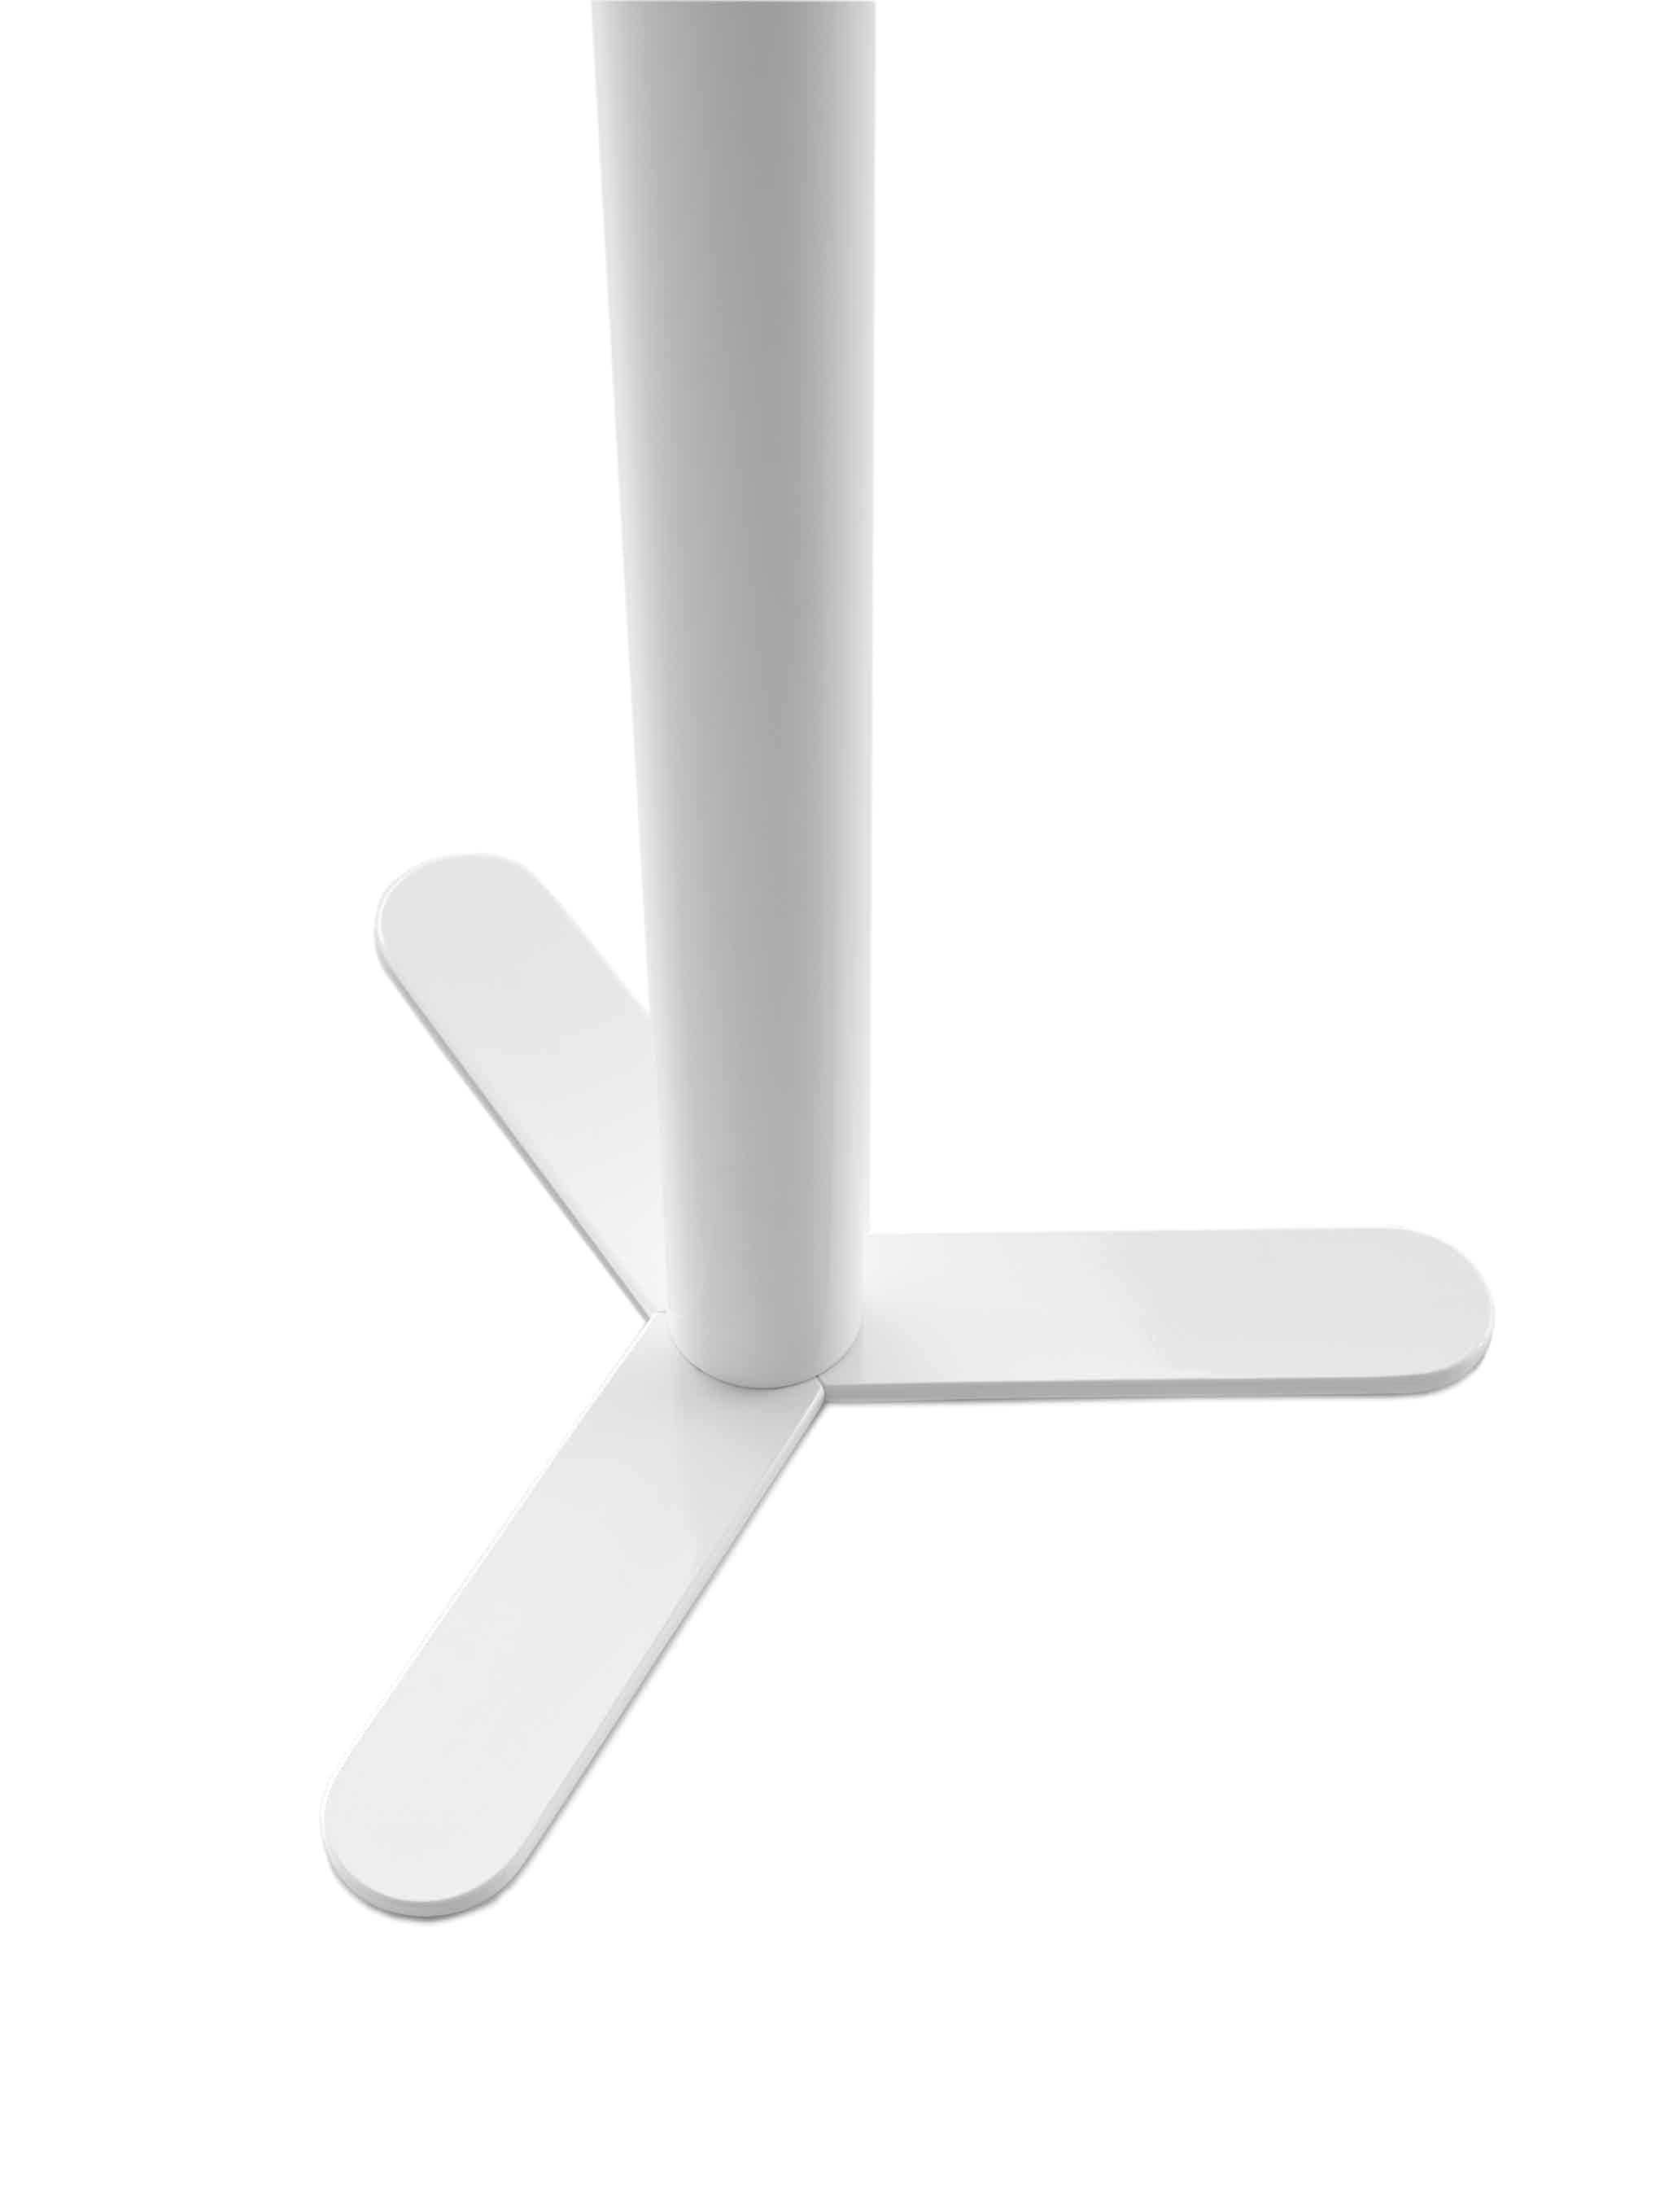 Viccarbe-white-leg-detail-aspa-table-haute-living